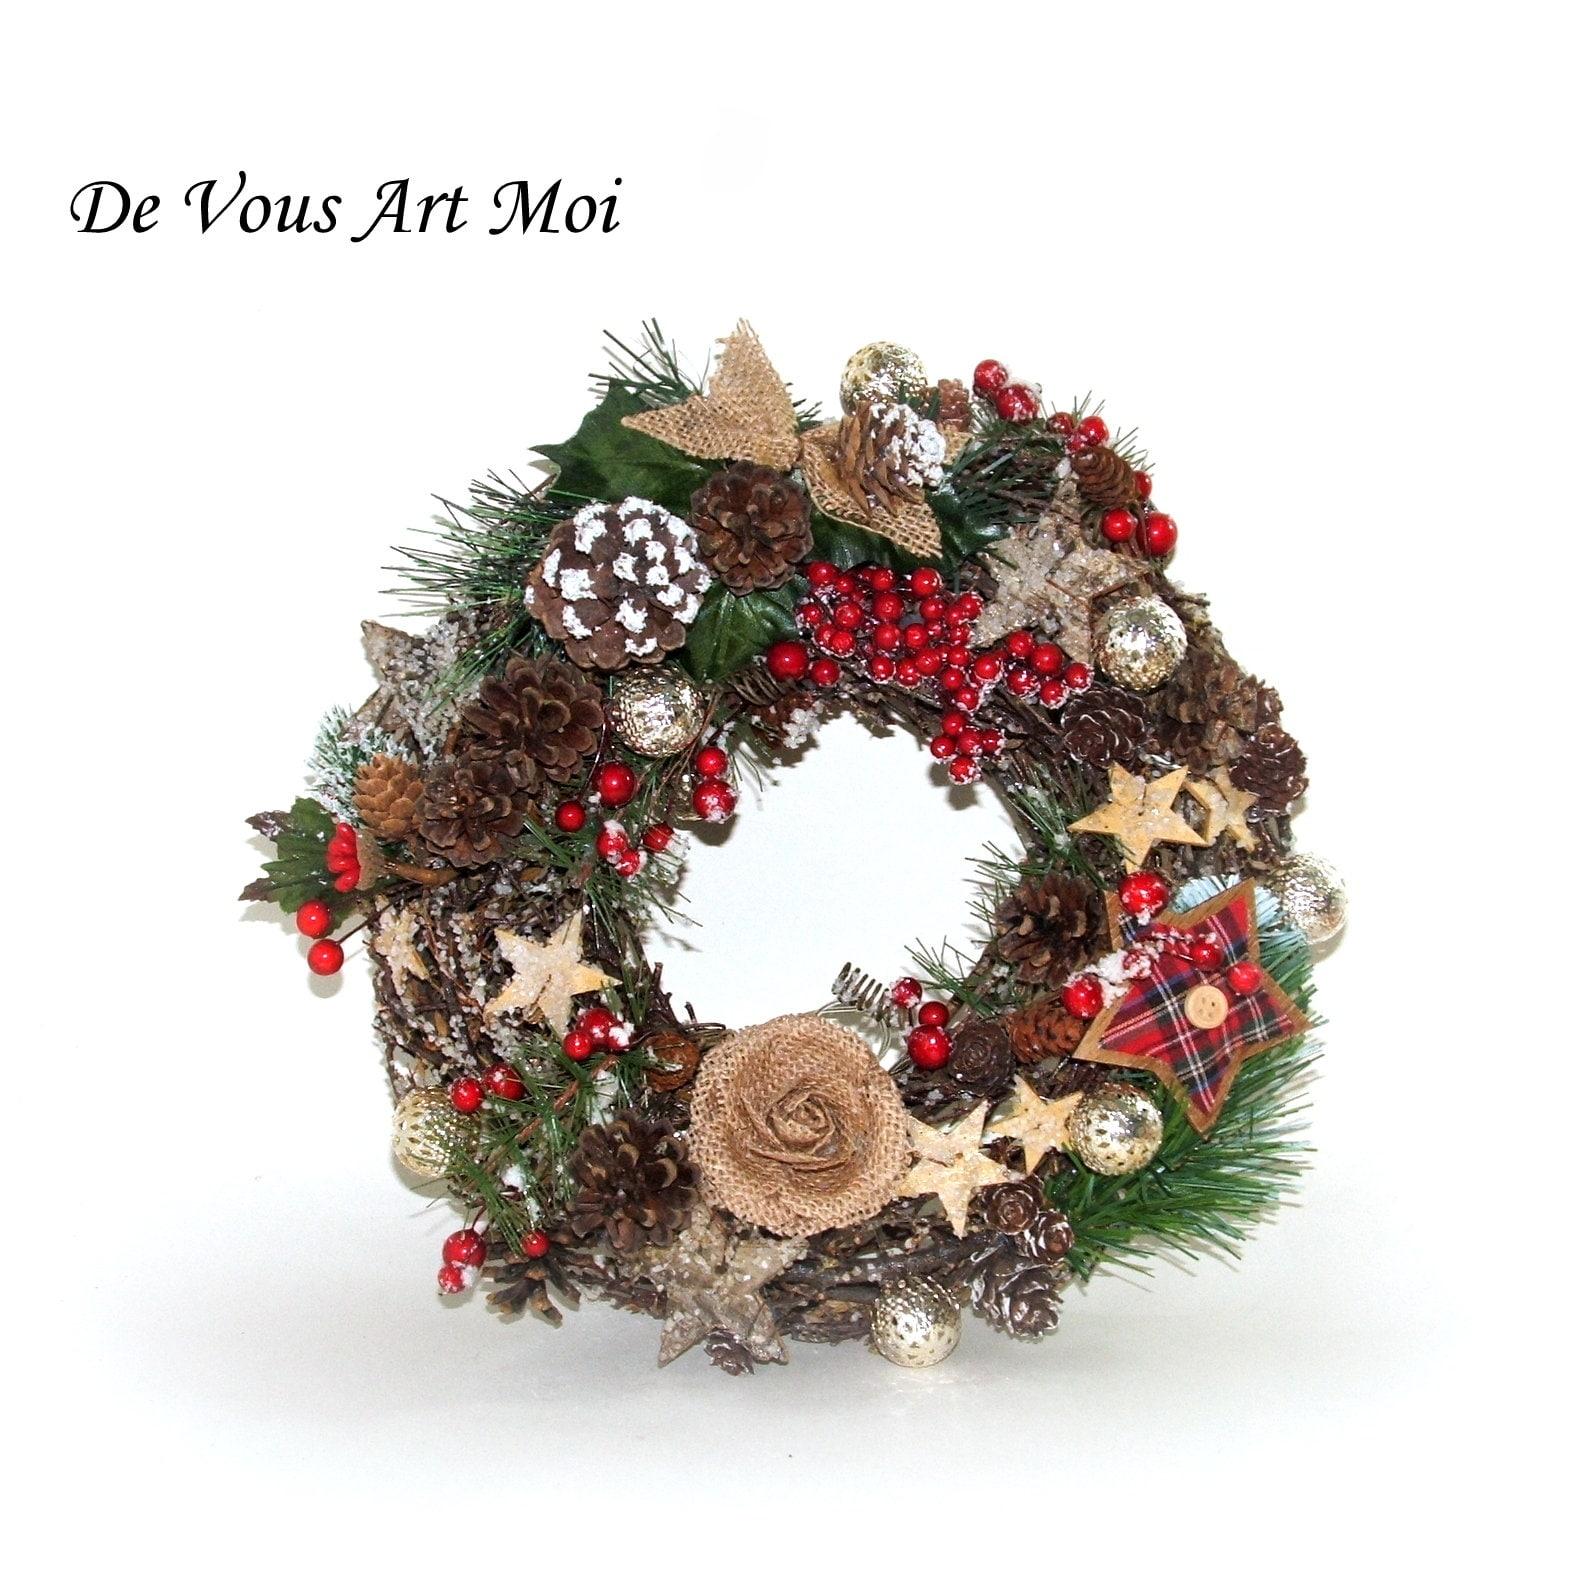 Deco Noel En Bois Naturel couronne porte noël lumineuse,couronne noël artisanale,fait